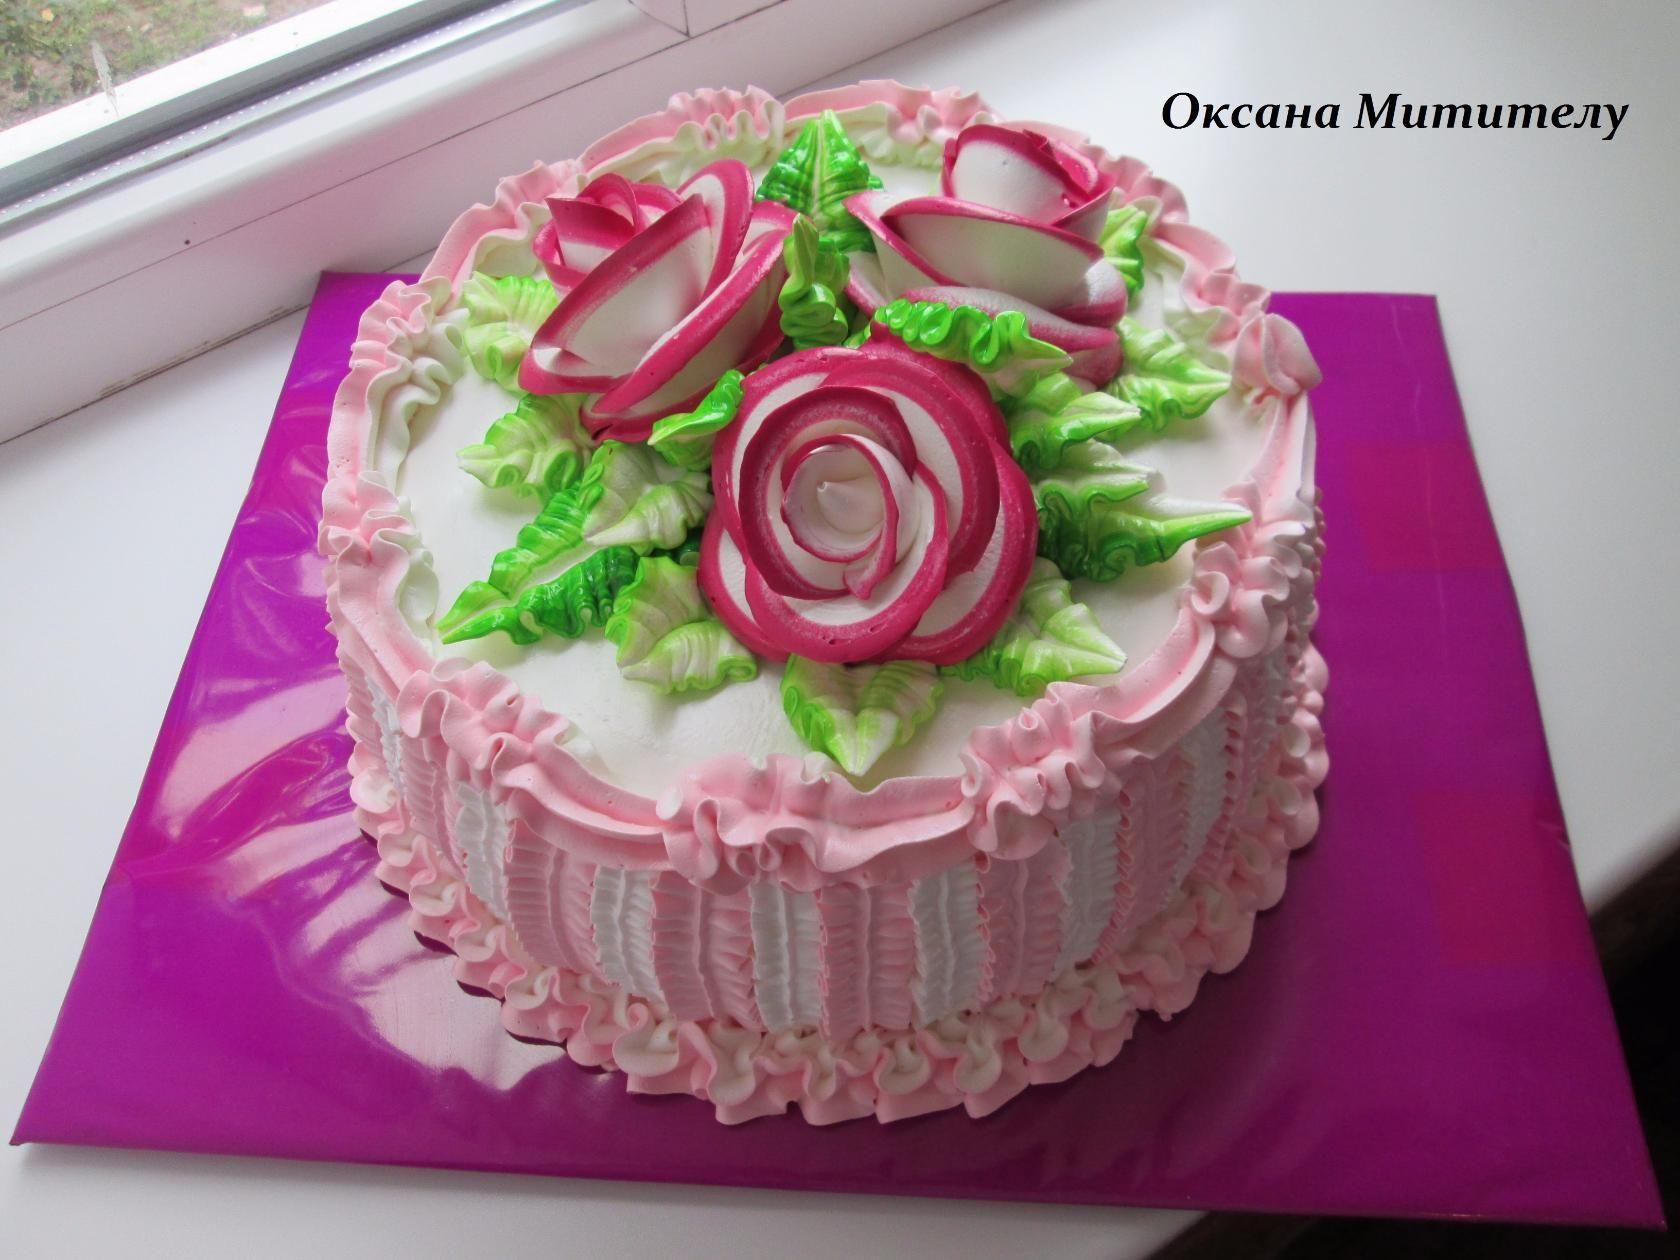 Личное фото | Десерты, Красивые торты, Идеи для блюд